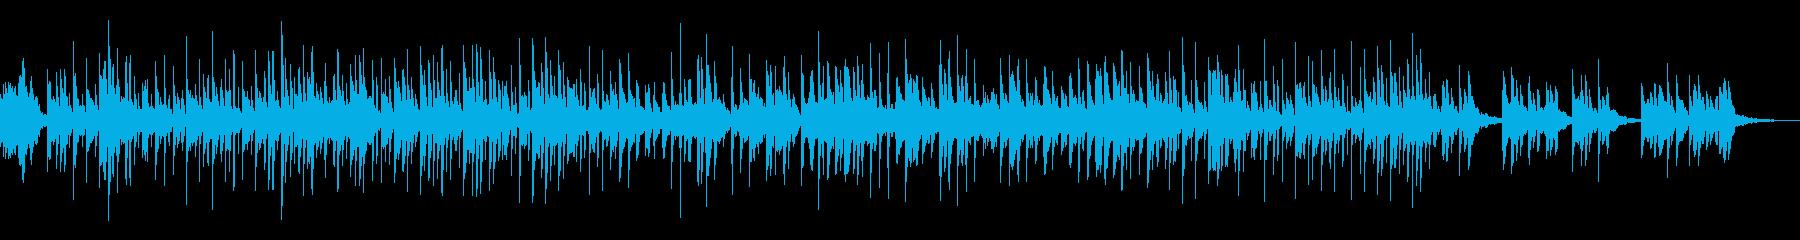 神秘的で無国籍なシンセエフェクト系BGMの再生済みの波形